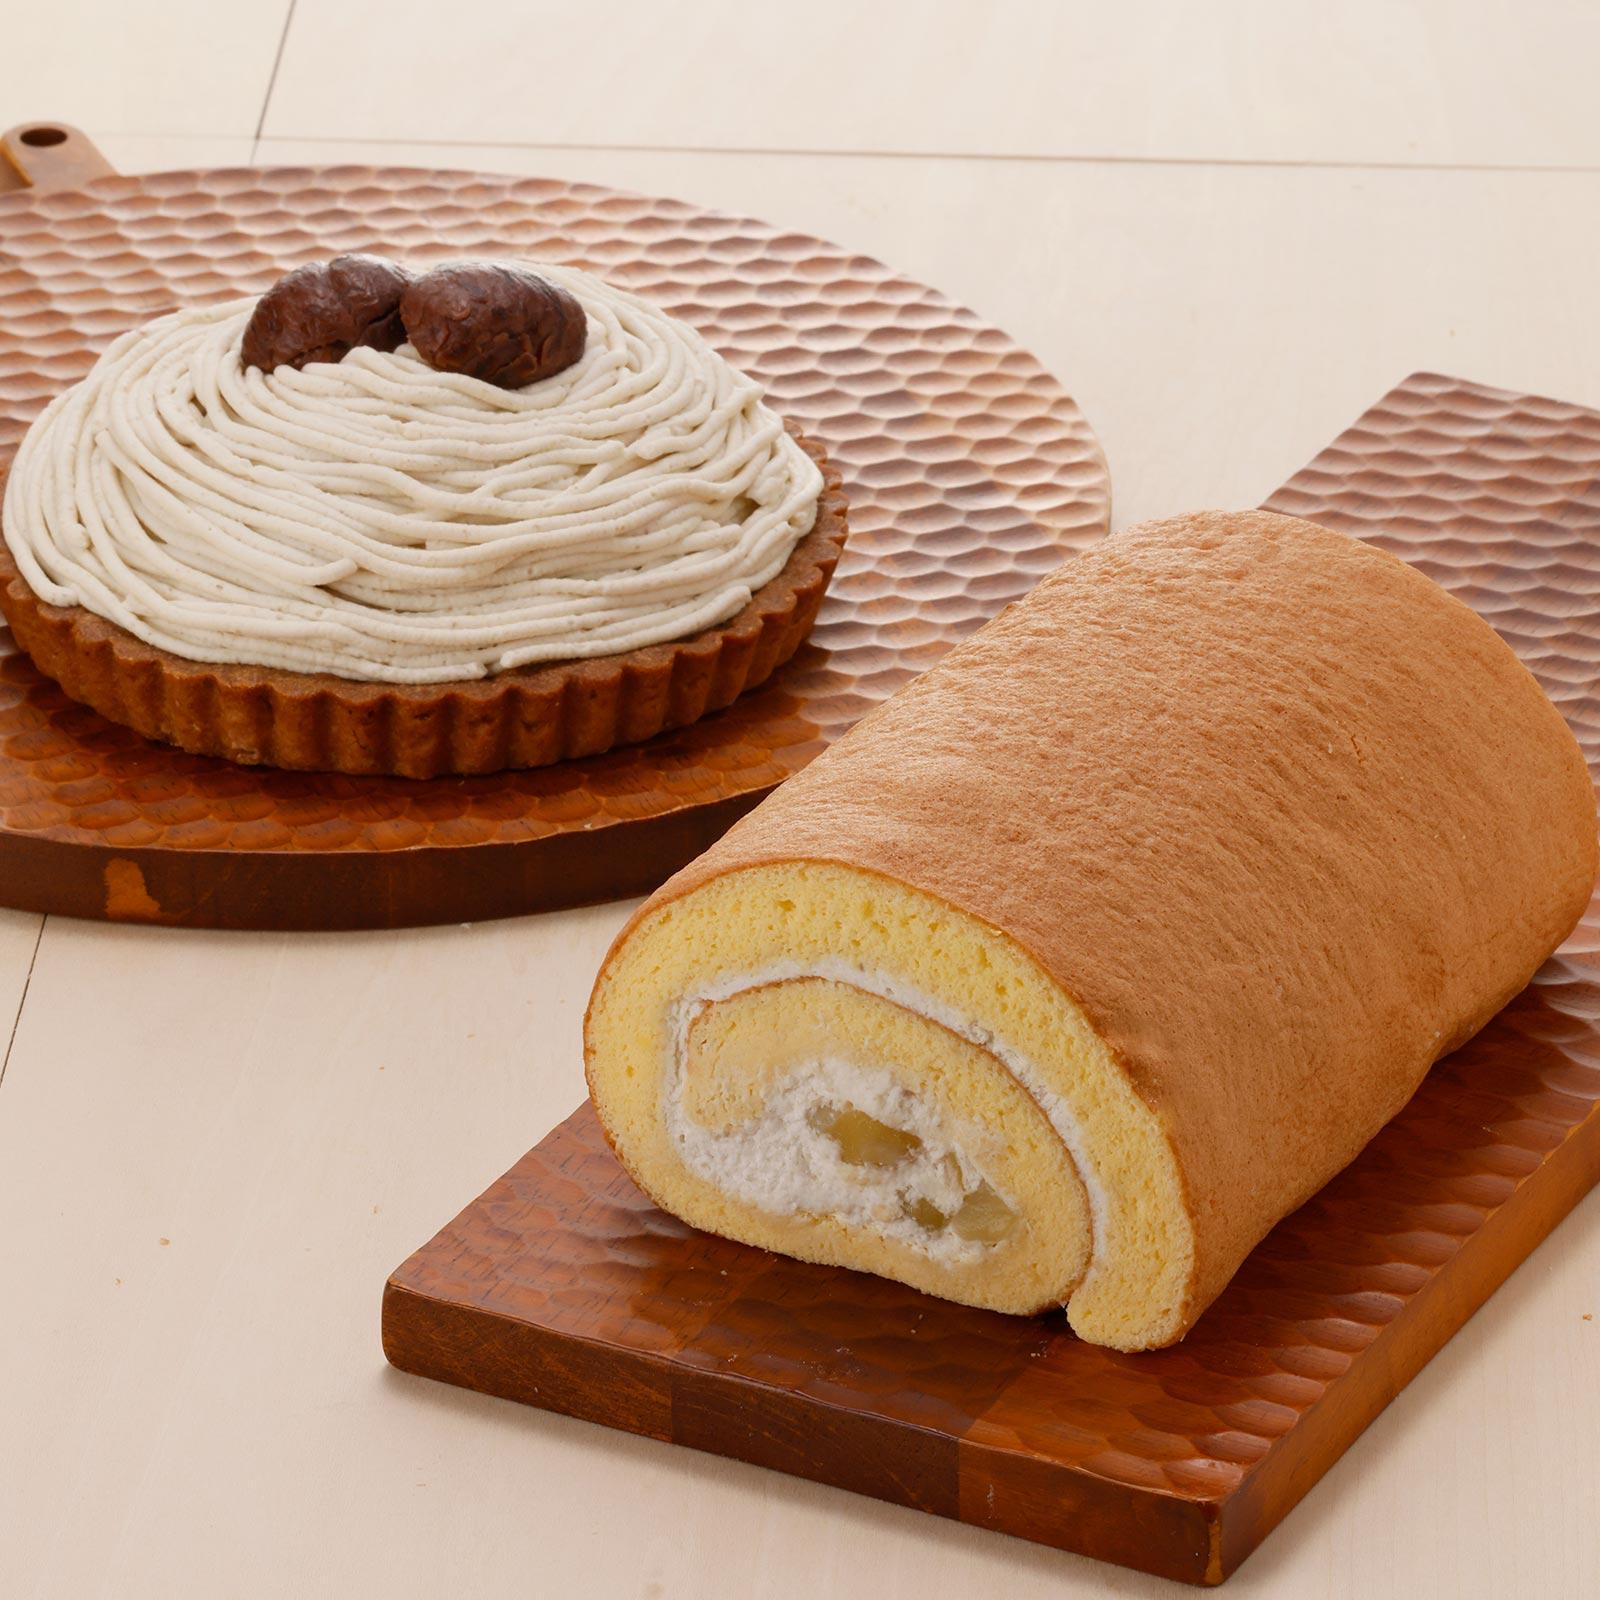 和栗を贅沢に味わう濃厚タルトと洋酒がほのかに香る和栗のロールケーキを詰め合わせた、栗好きにおすすめのセット